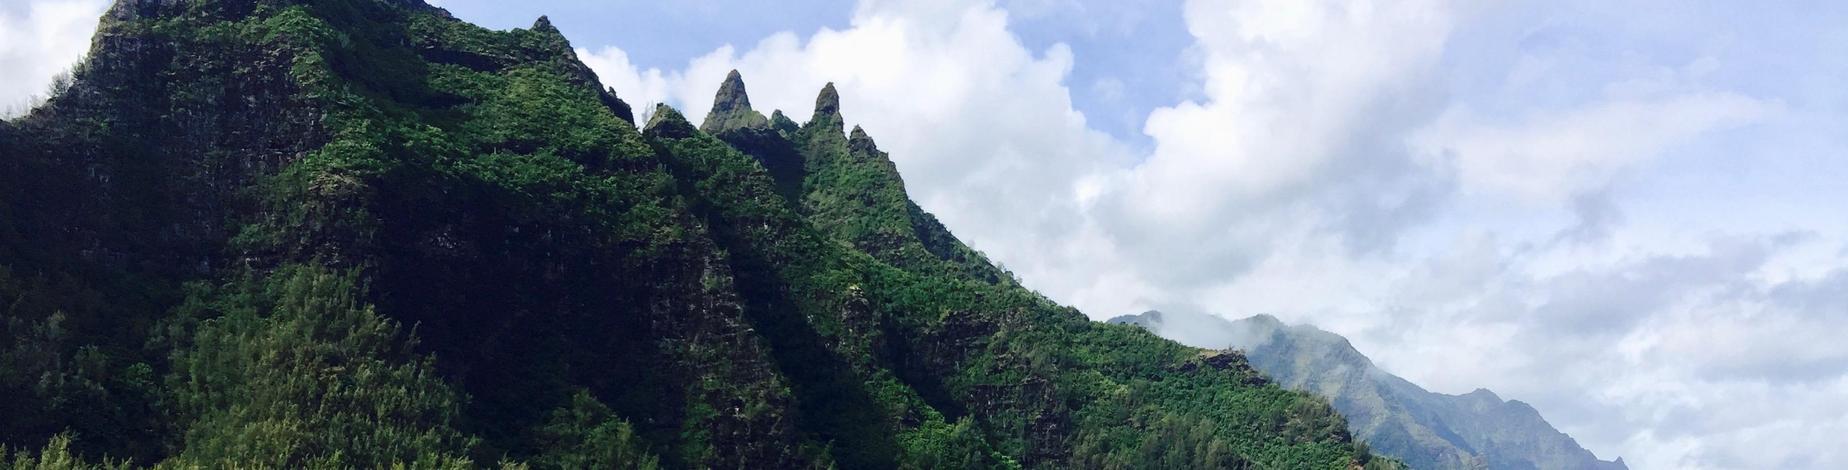 Haena Mountains